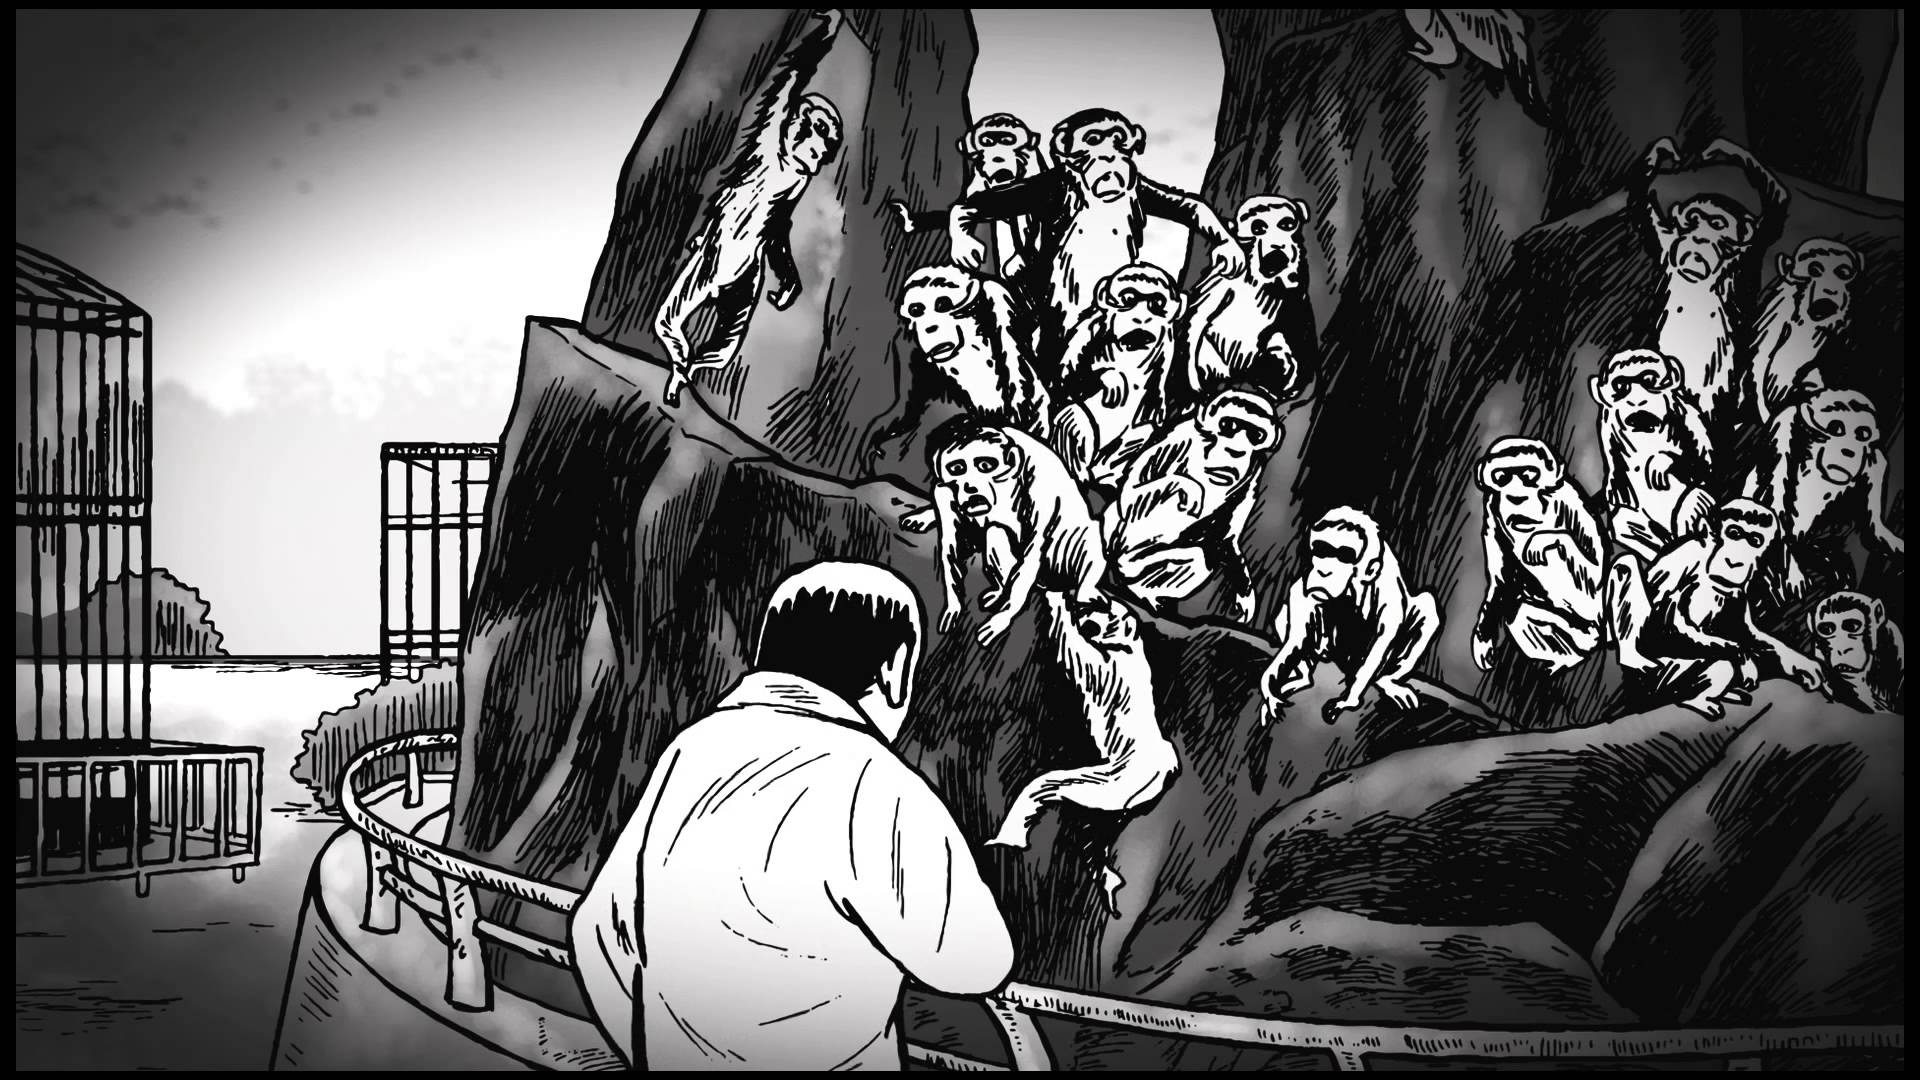 劇画の始祖・辰巳ヨシヒロの半生を描いた『 TATSUMI マンガに革命を起こした男 』感想